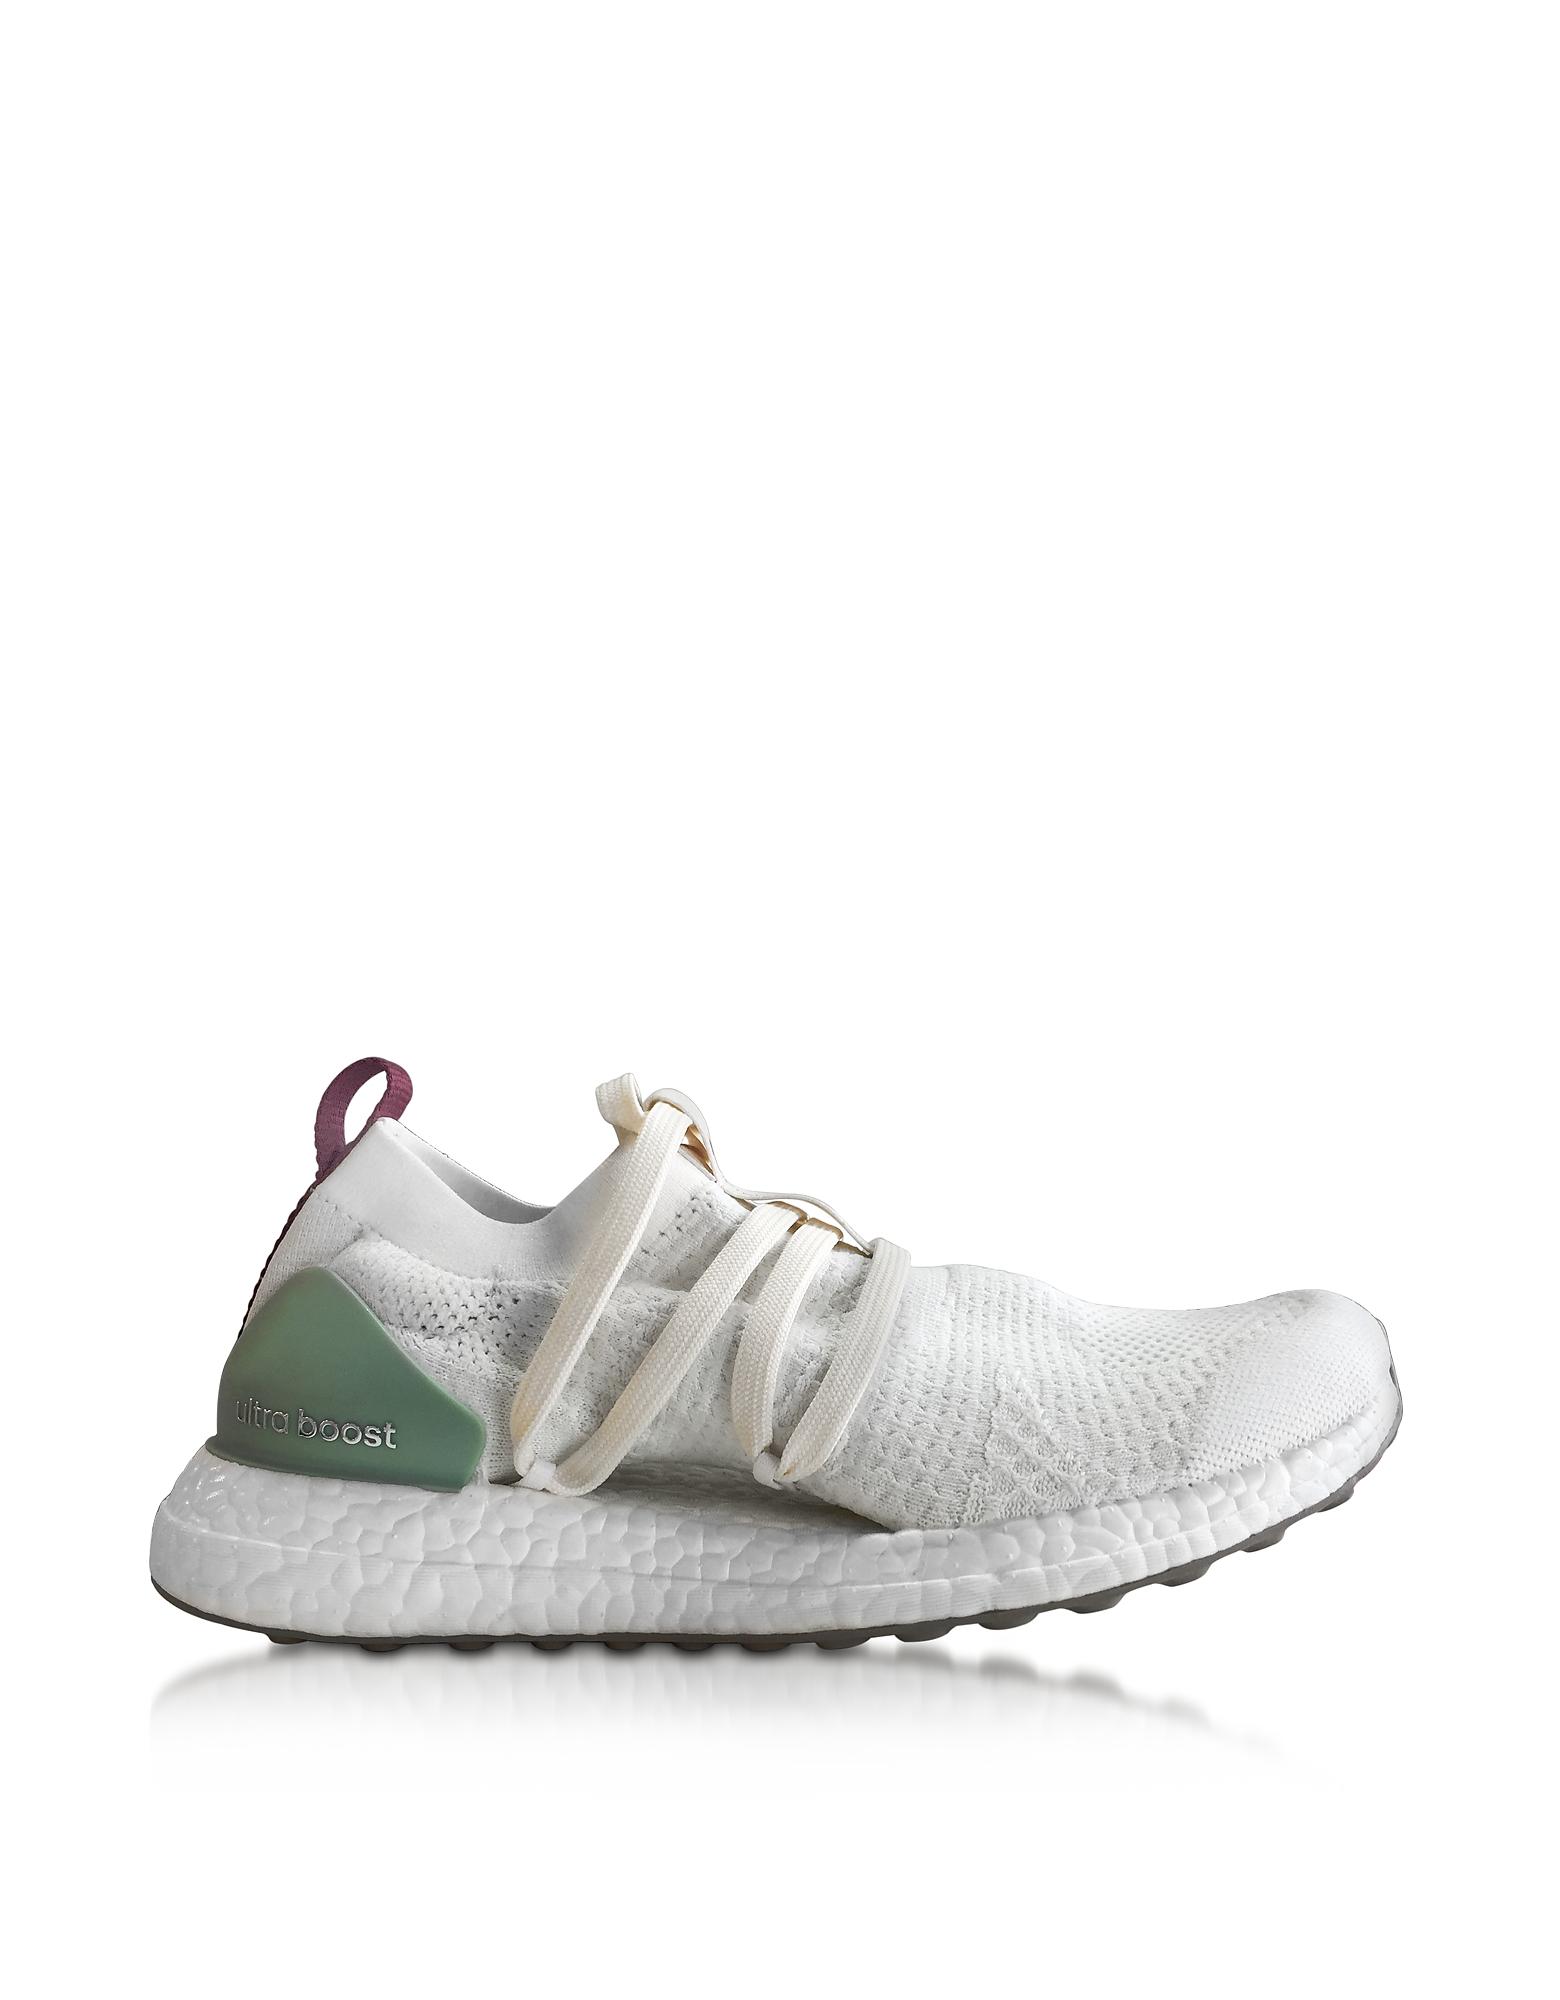 Ultra Boost X - Белые и Зеленые Женские Кроссовки